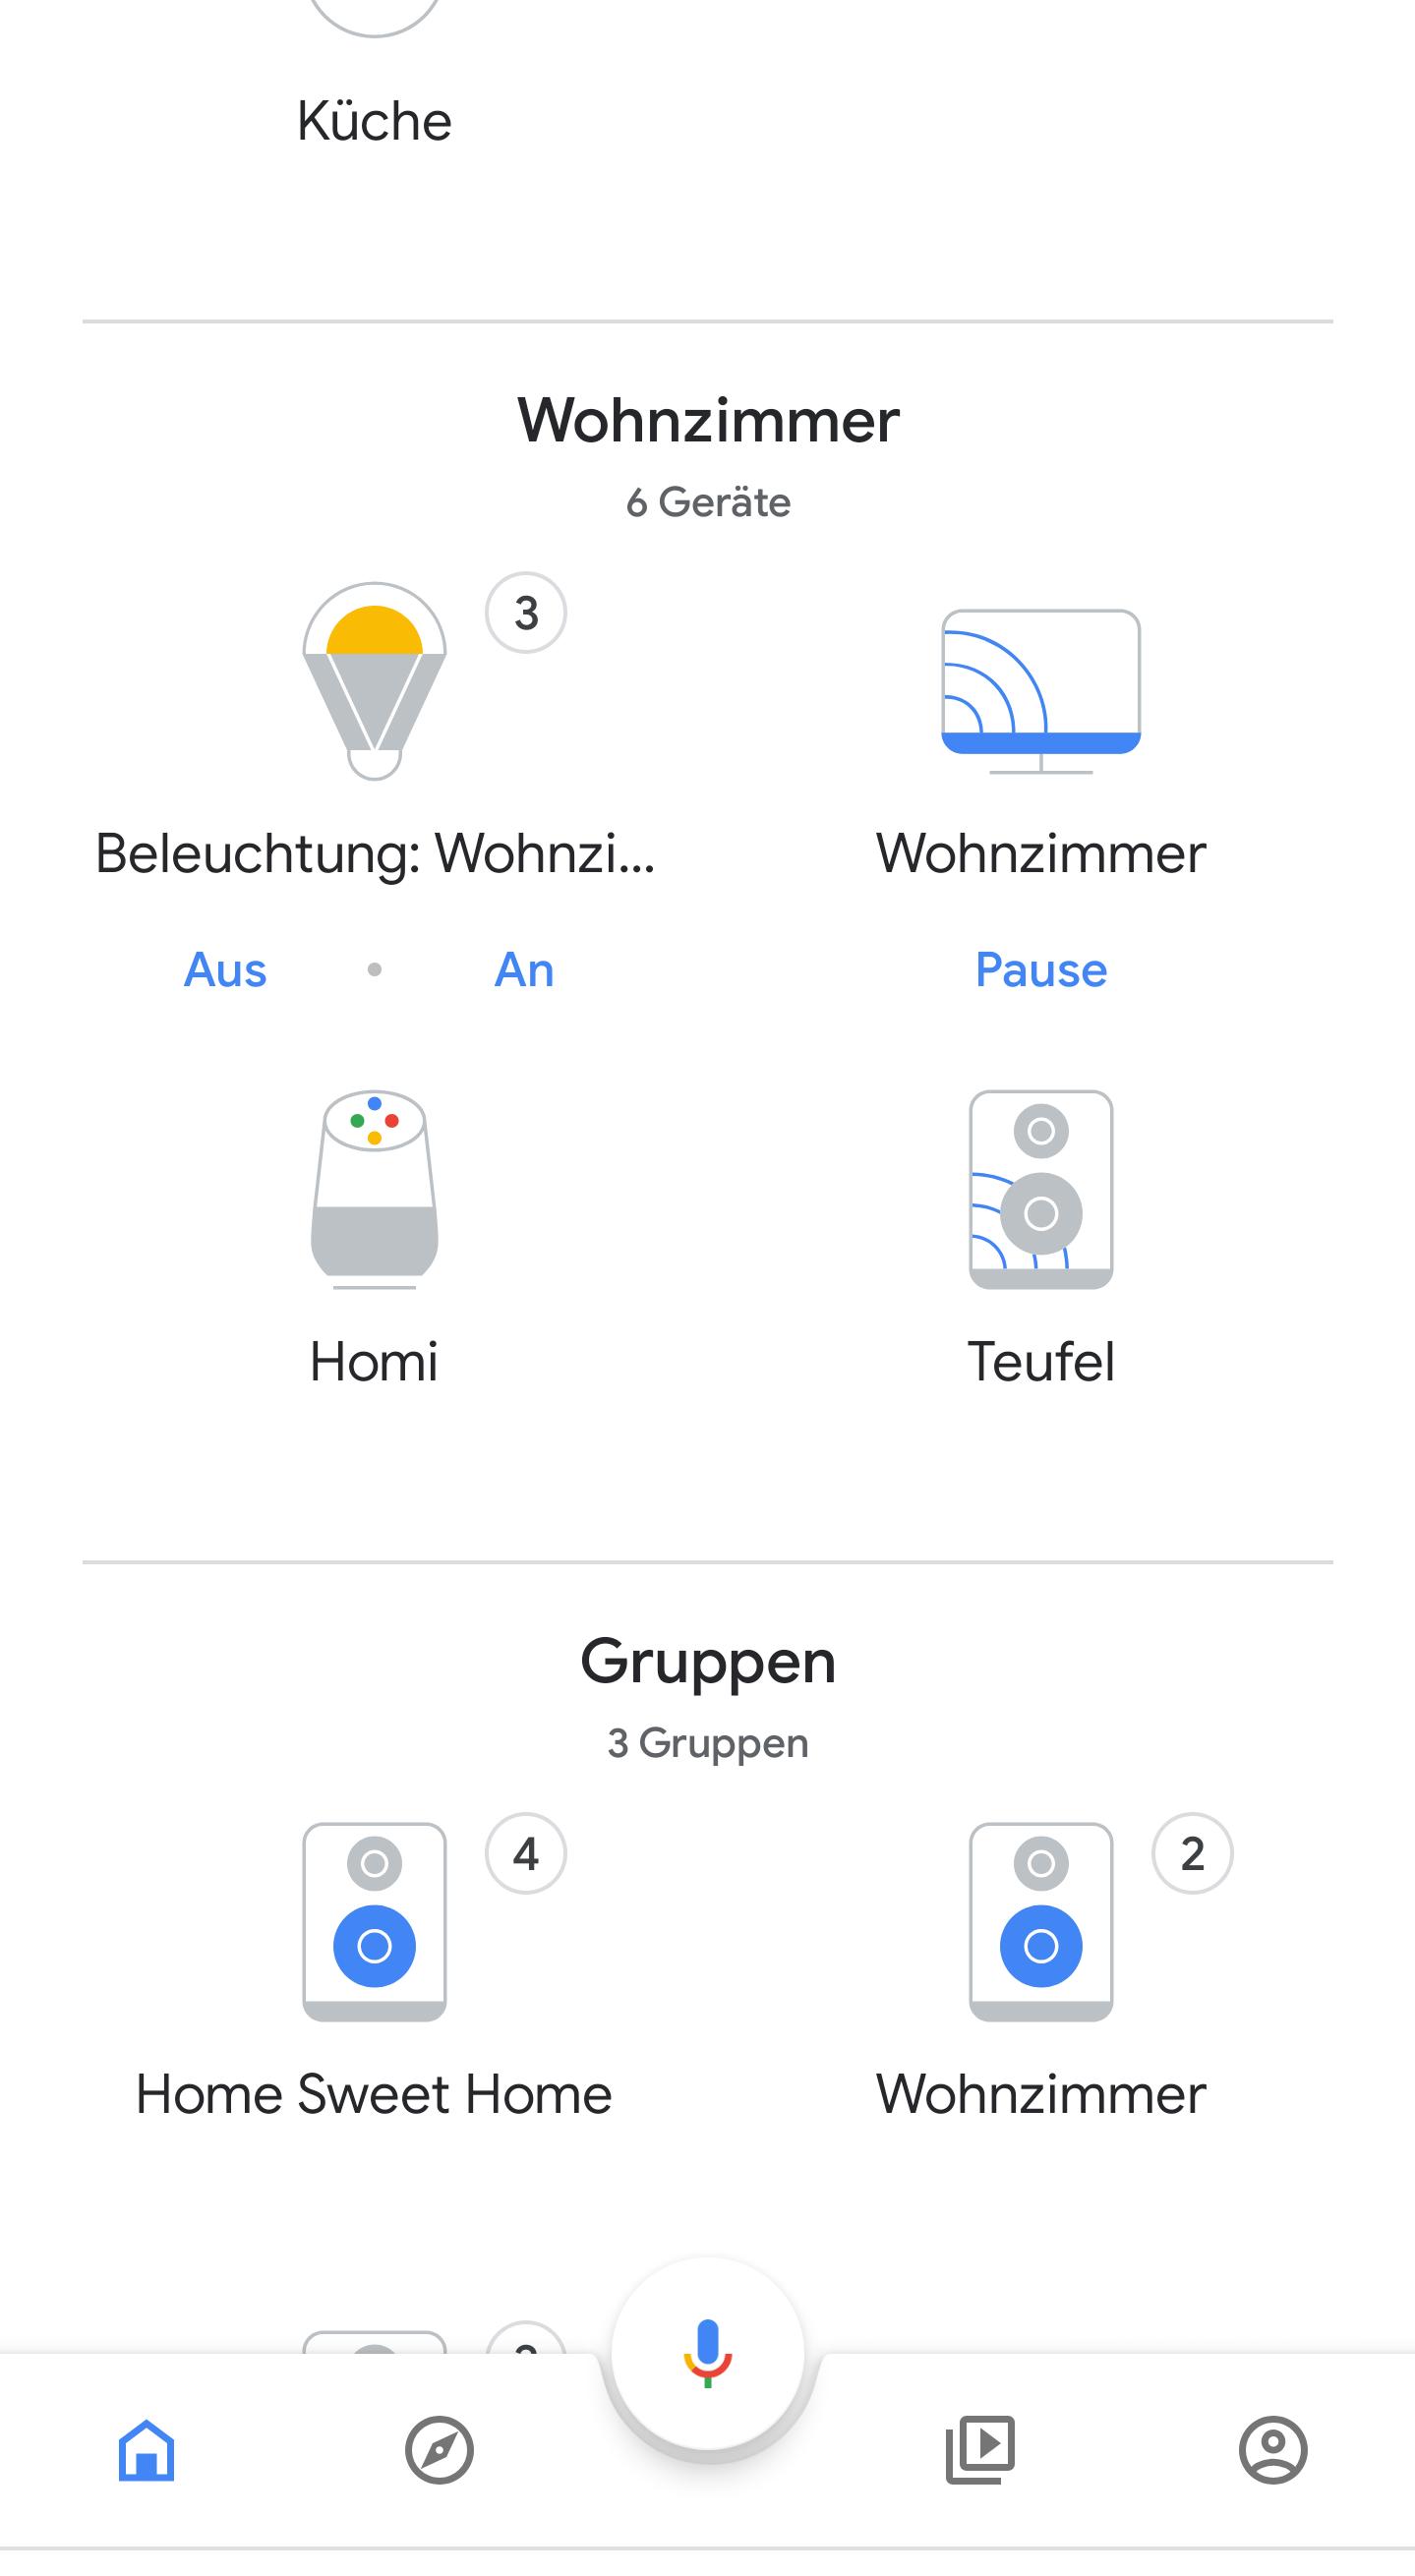 ... dazu bekommt man in der Google Home App eine Übersicht über alle Smart-Home-Geräte....